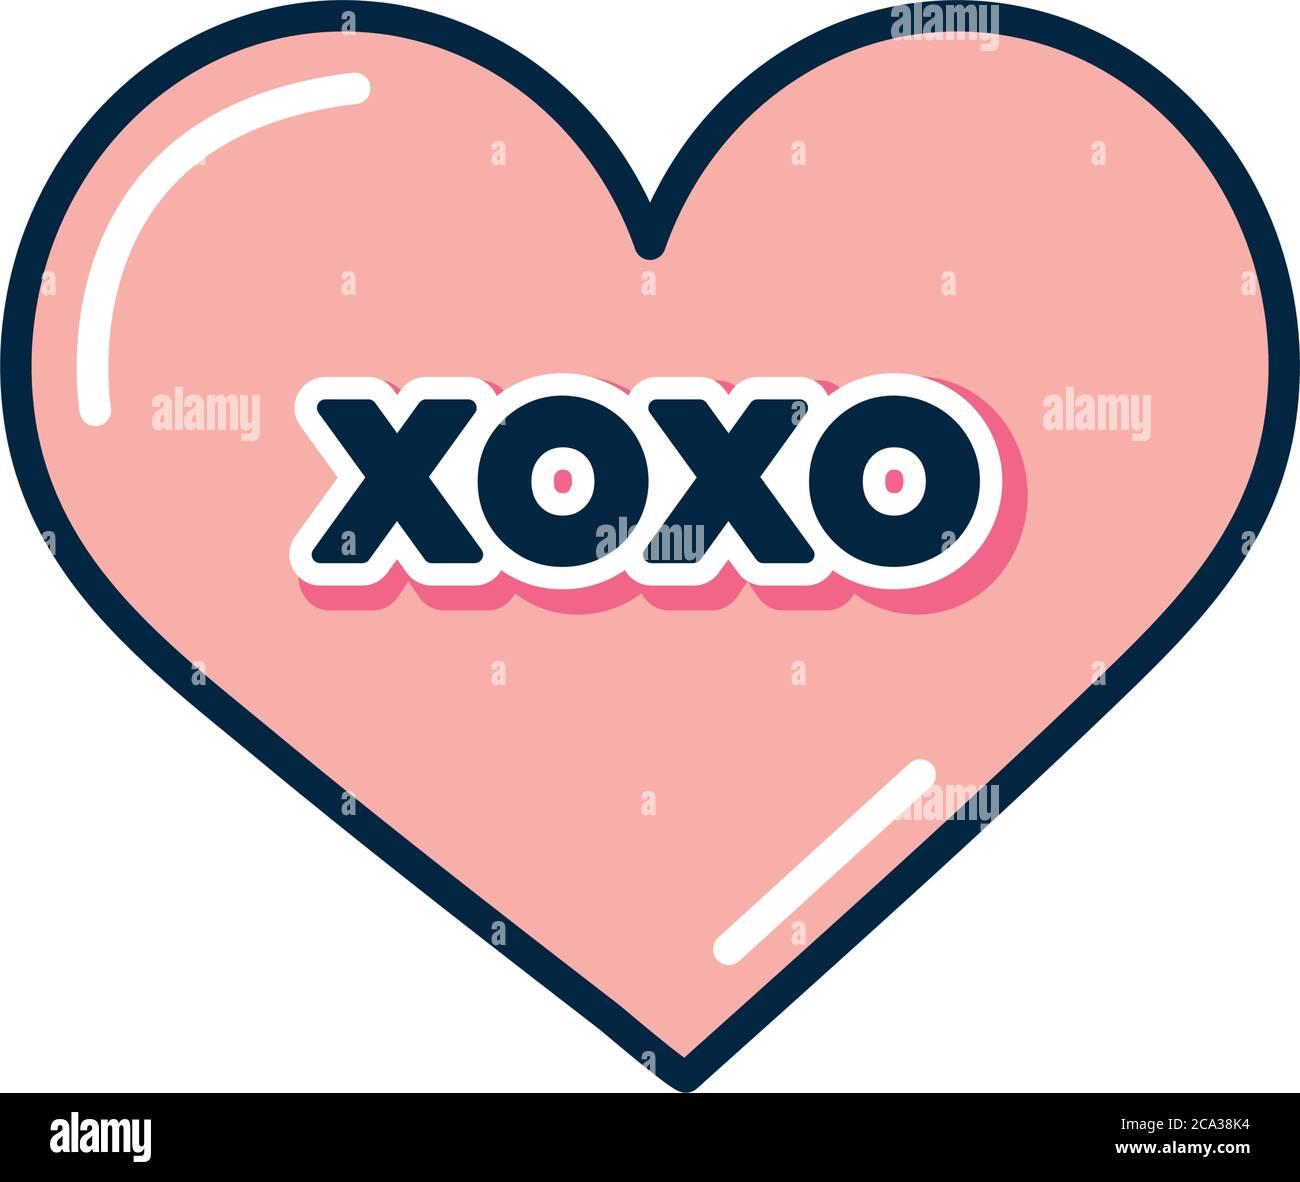 XOXO Hearts